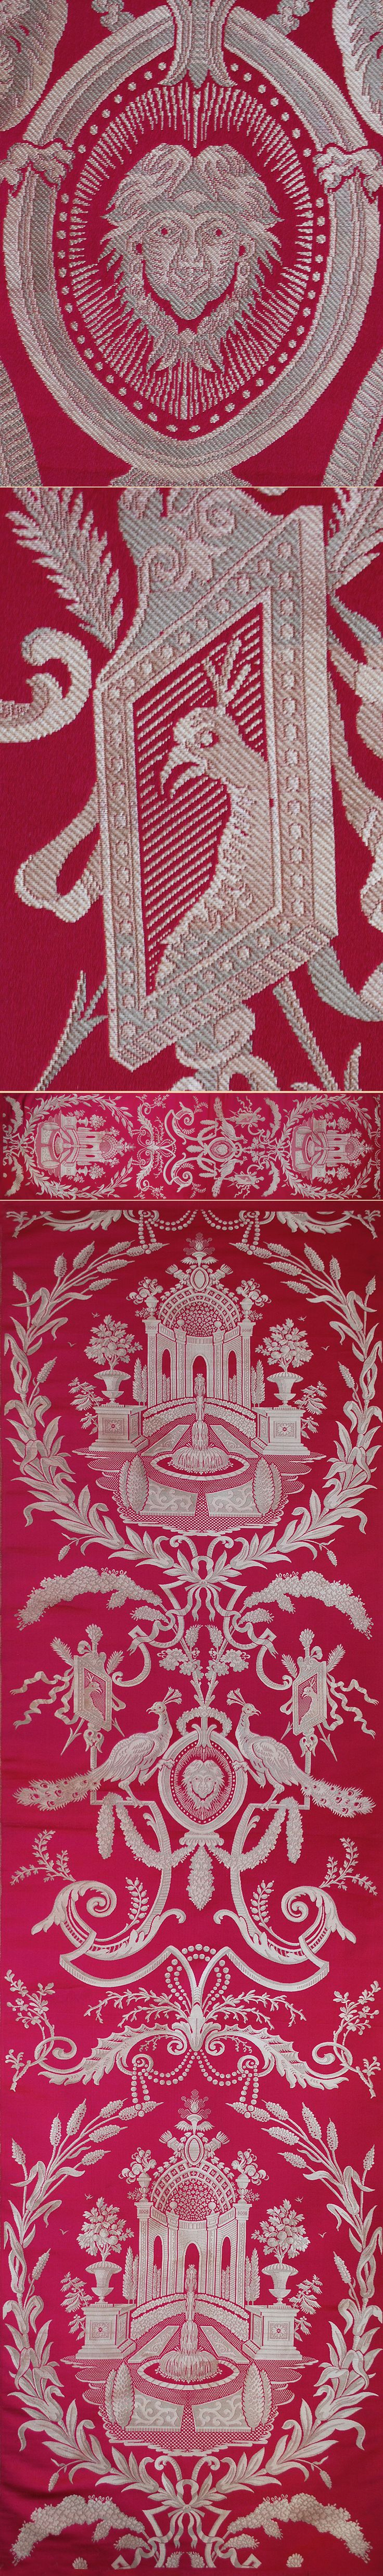 French Textiles - TextileAsArt.com Fine Antique Textiles and Antique Textile Information